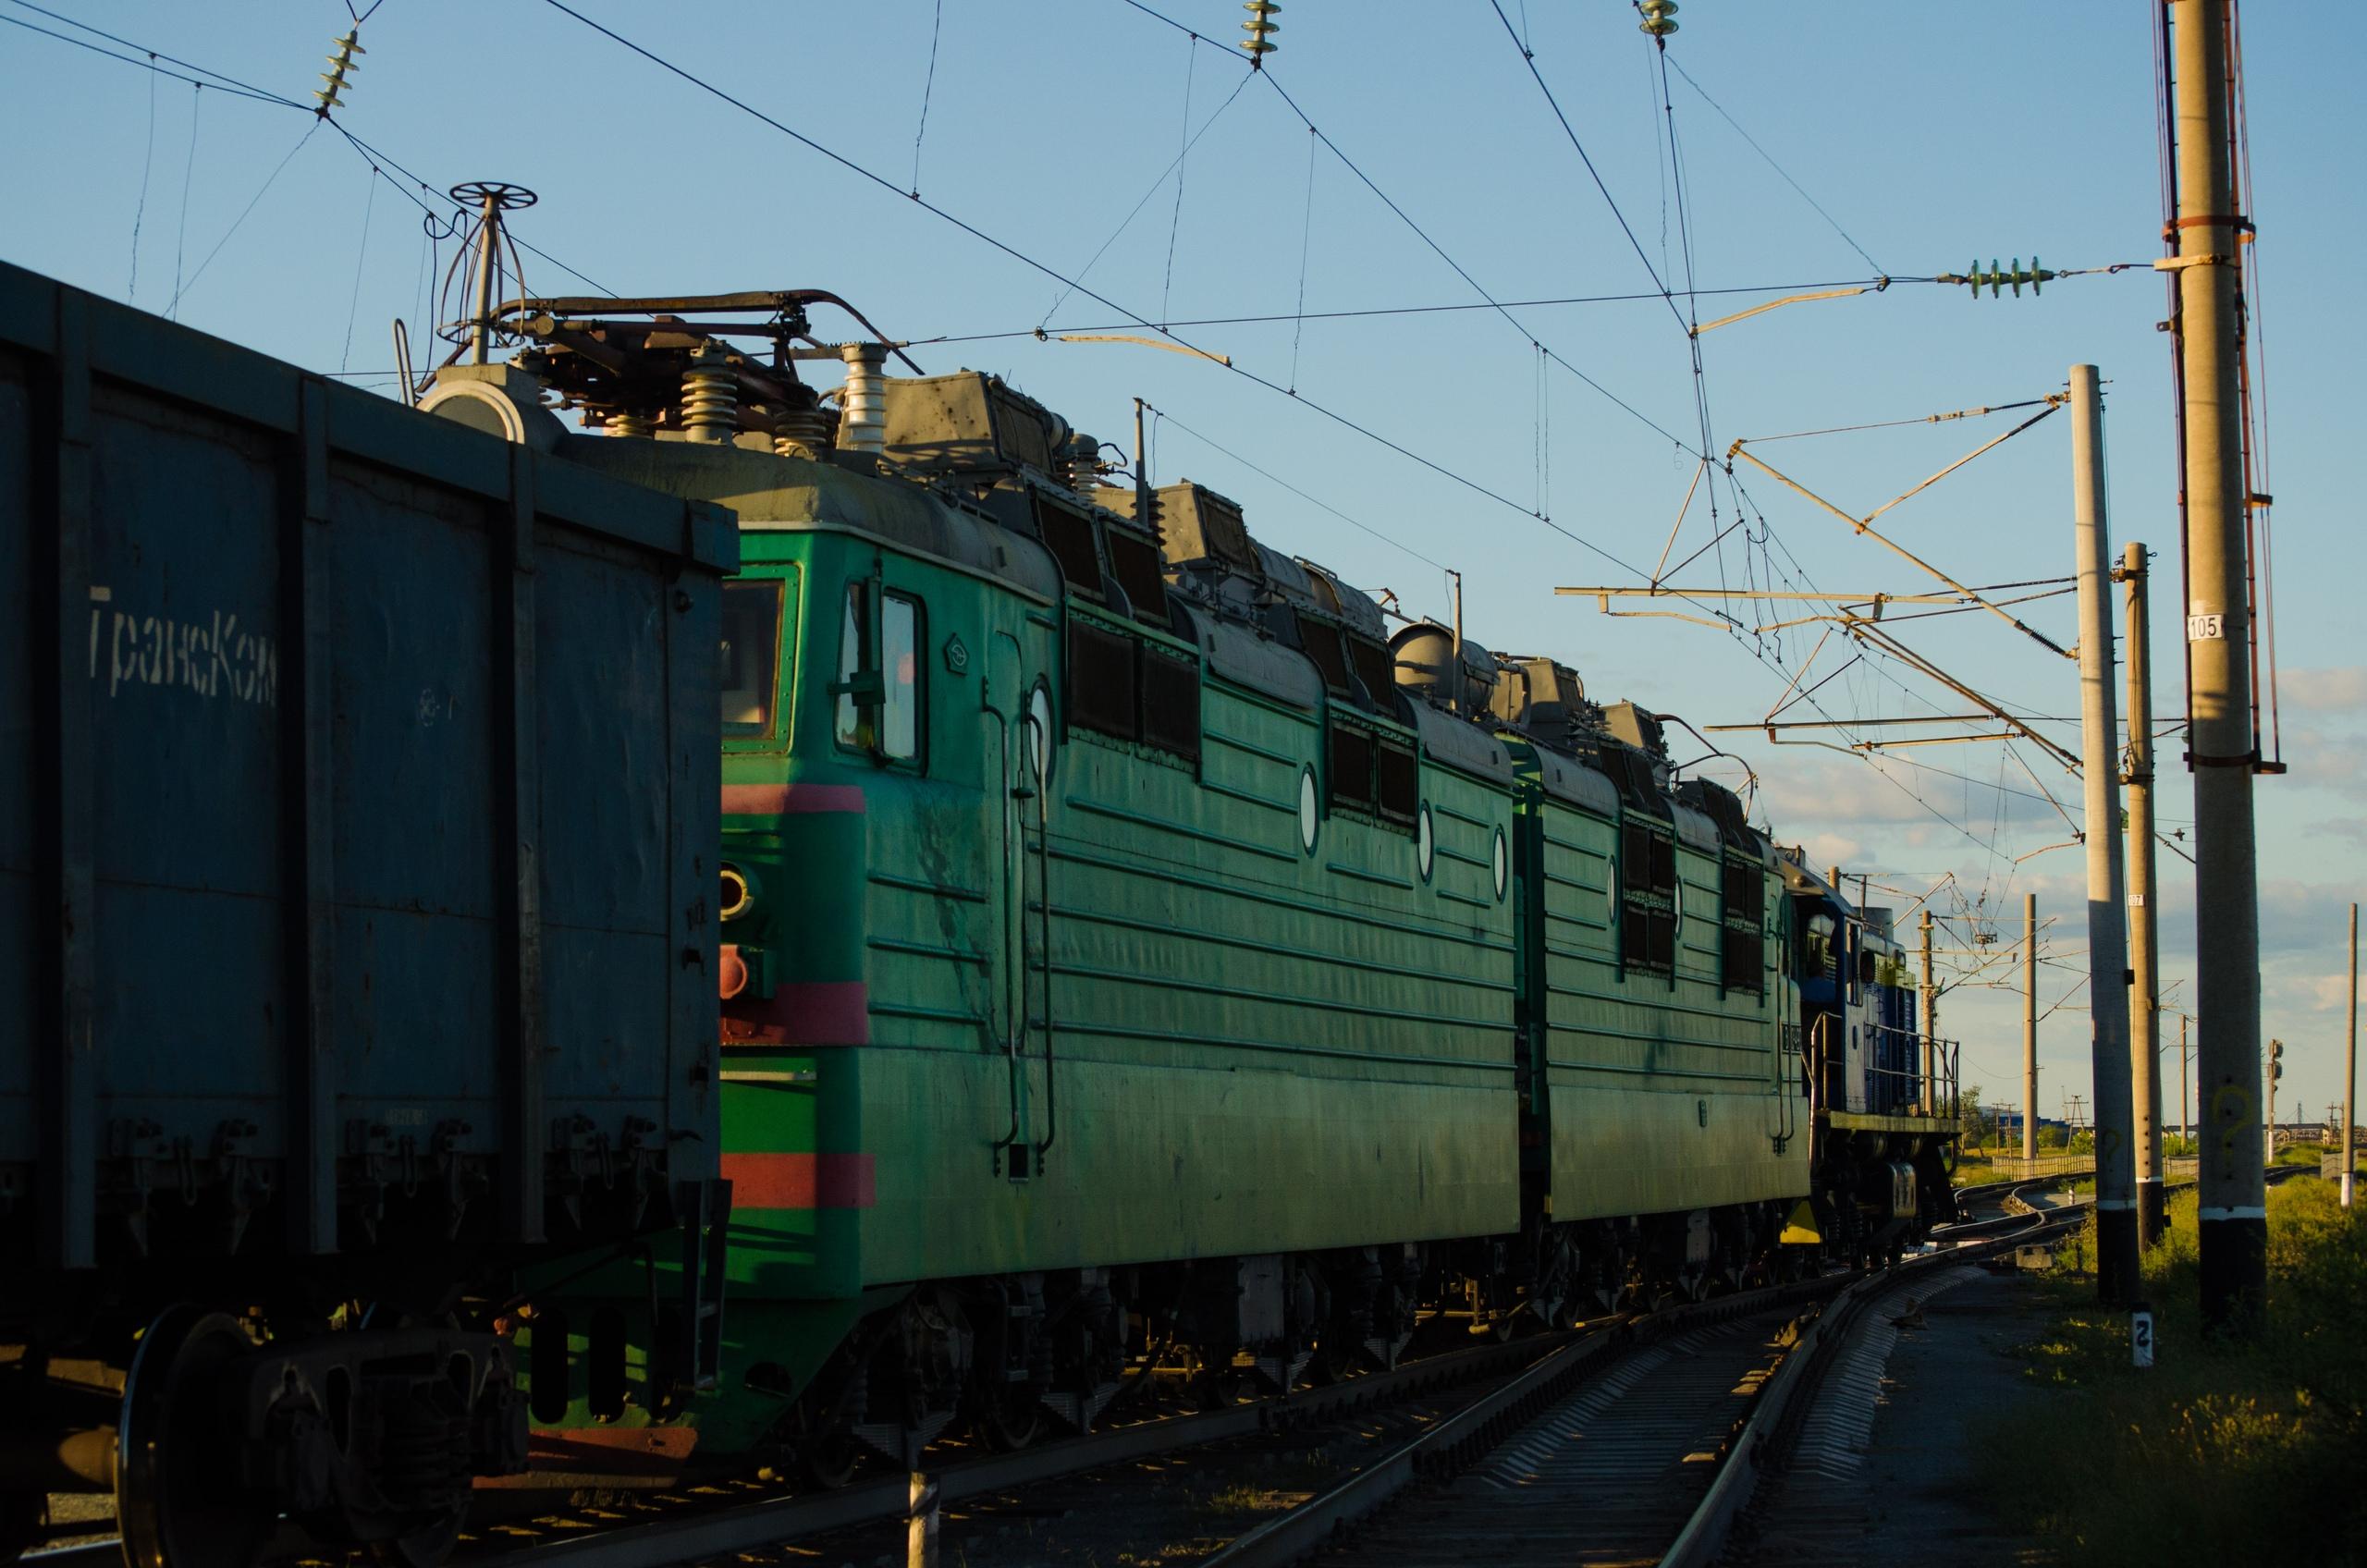 Около 9 млн тенге заплатит начальник Костанайского эксплуатационного локомотивного депо за то, что пытался за вознаграждние принять на работу помощника машиниста